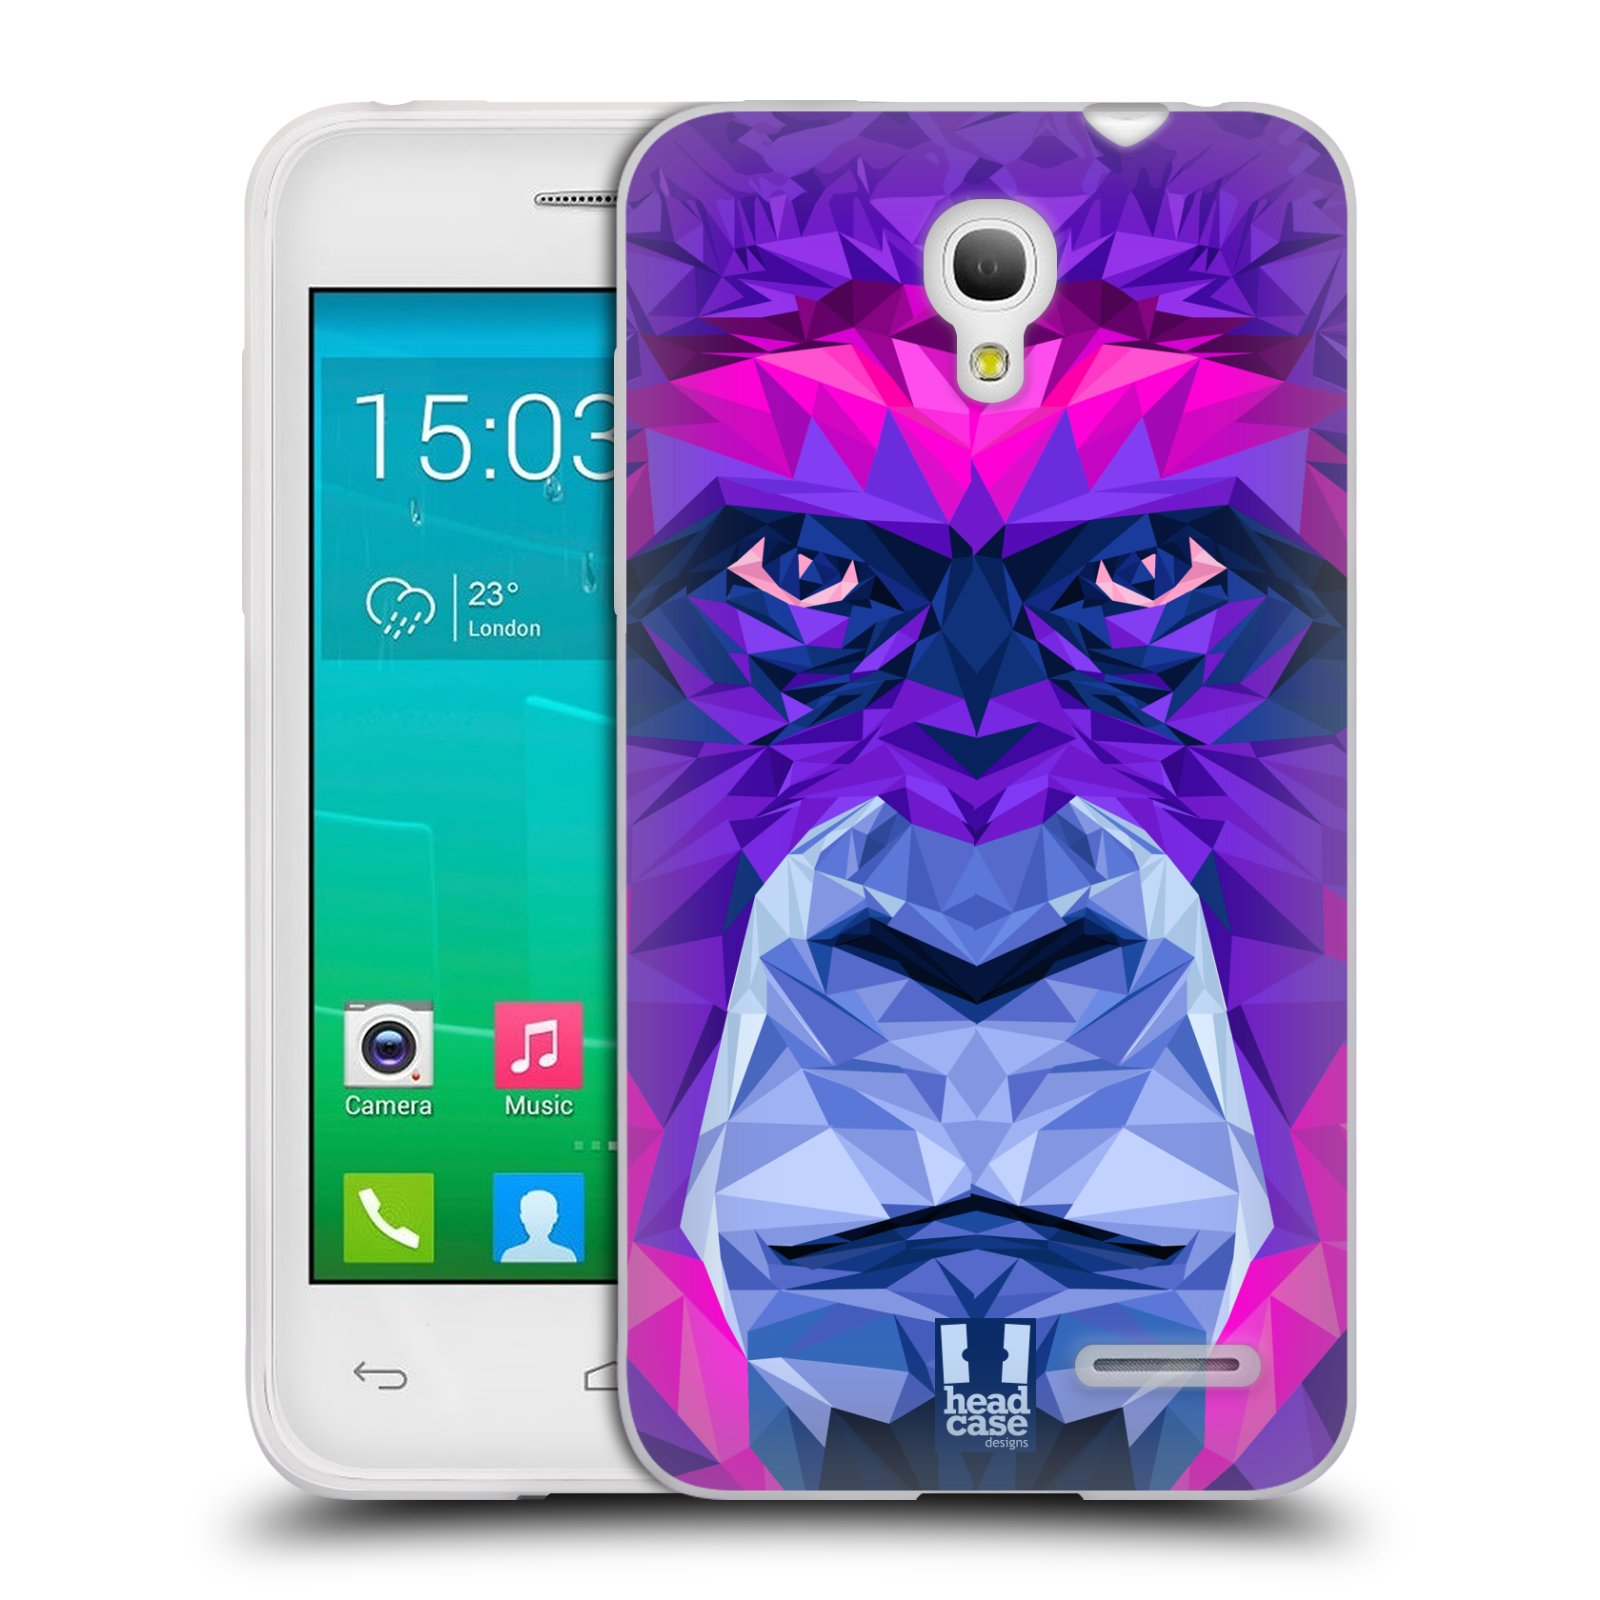 HEAD CASE silikonový obal na mobil Alcatel POP S3 OT-5050Y vzor Geometrická zvířata 2 Orangutan